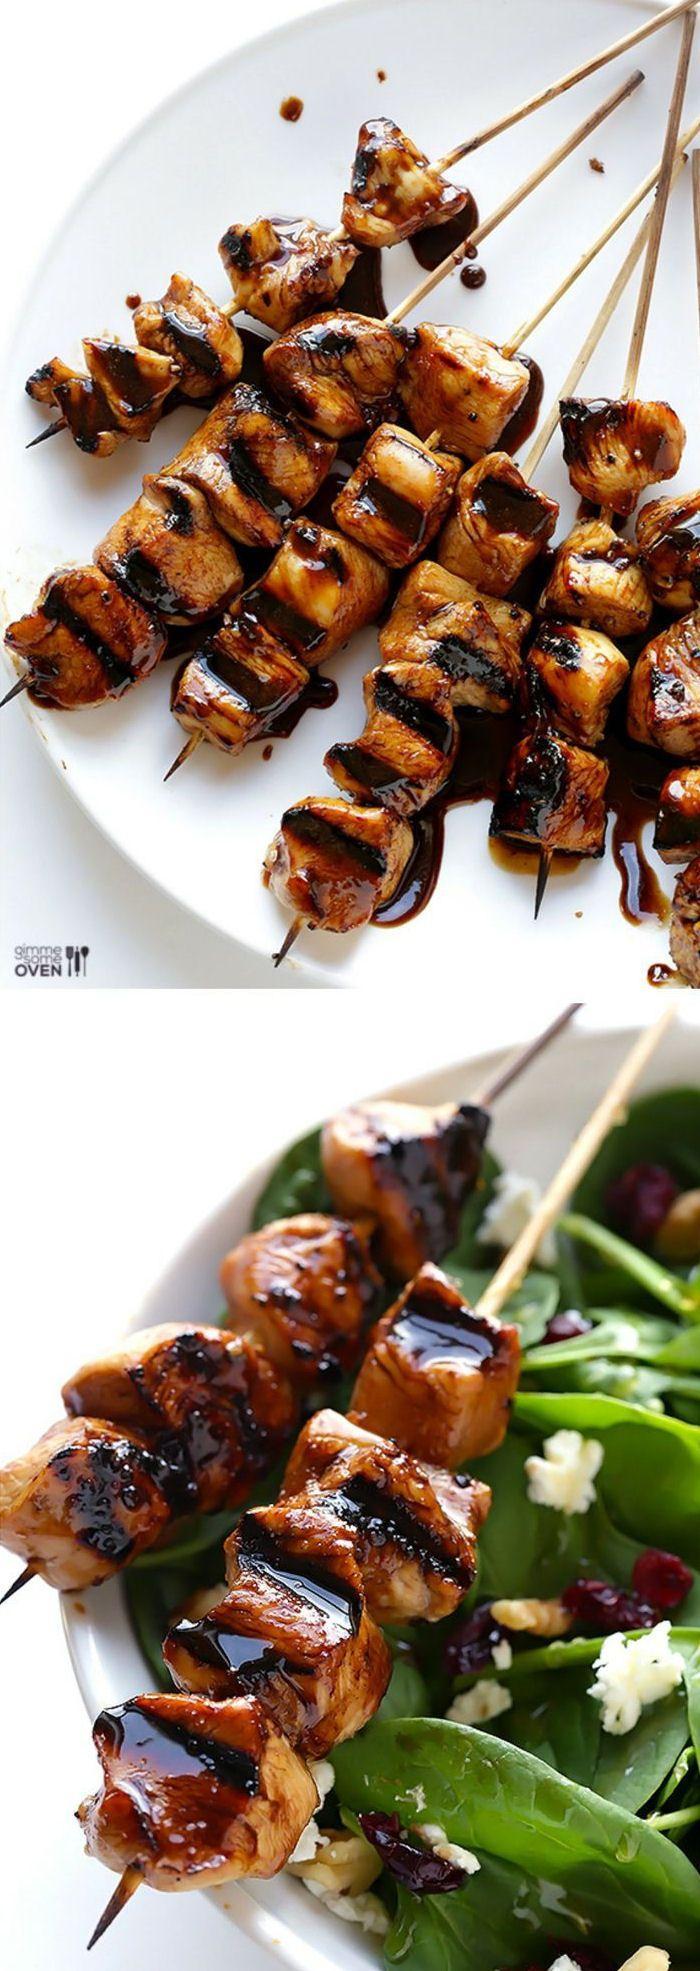 TESTE ET APPROUVE     faire mariner du poulet avec du vinaigre balsamique, du sel et du poivre. Faire cuire le poulet. Dans un autre récipient faire bouillir la marinade pour la faire réduire avec un peu de sucre. Couvrir le poulet cuit avec la réduction